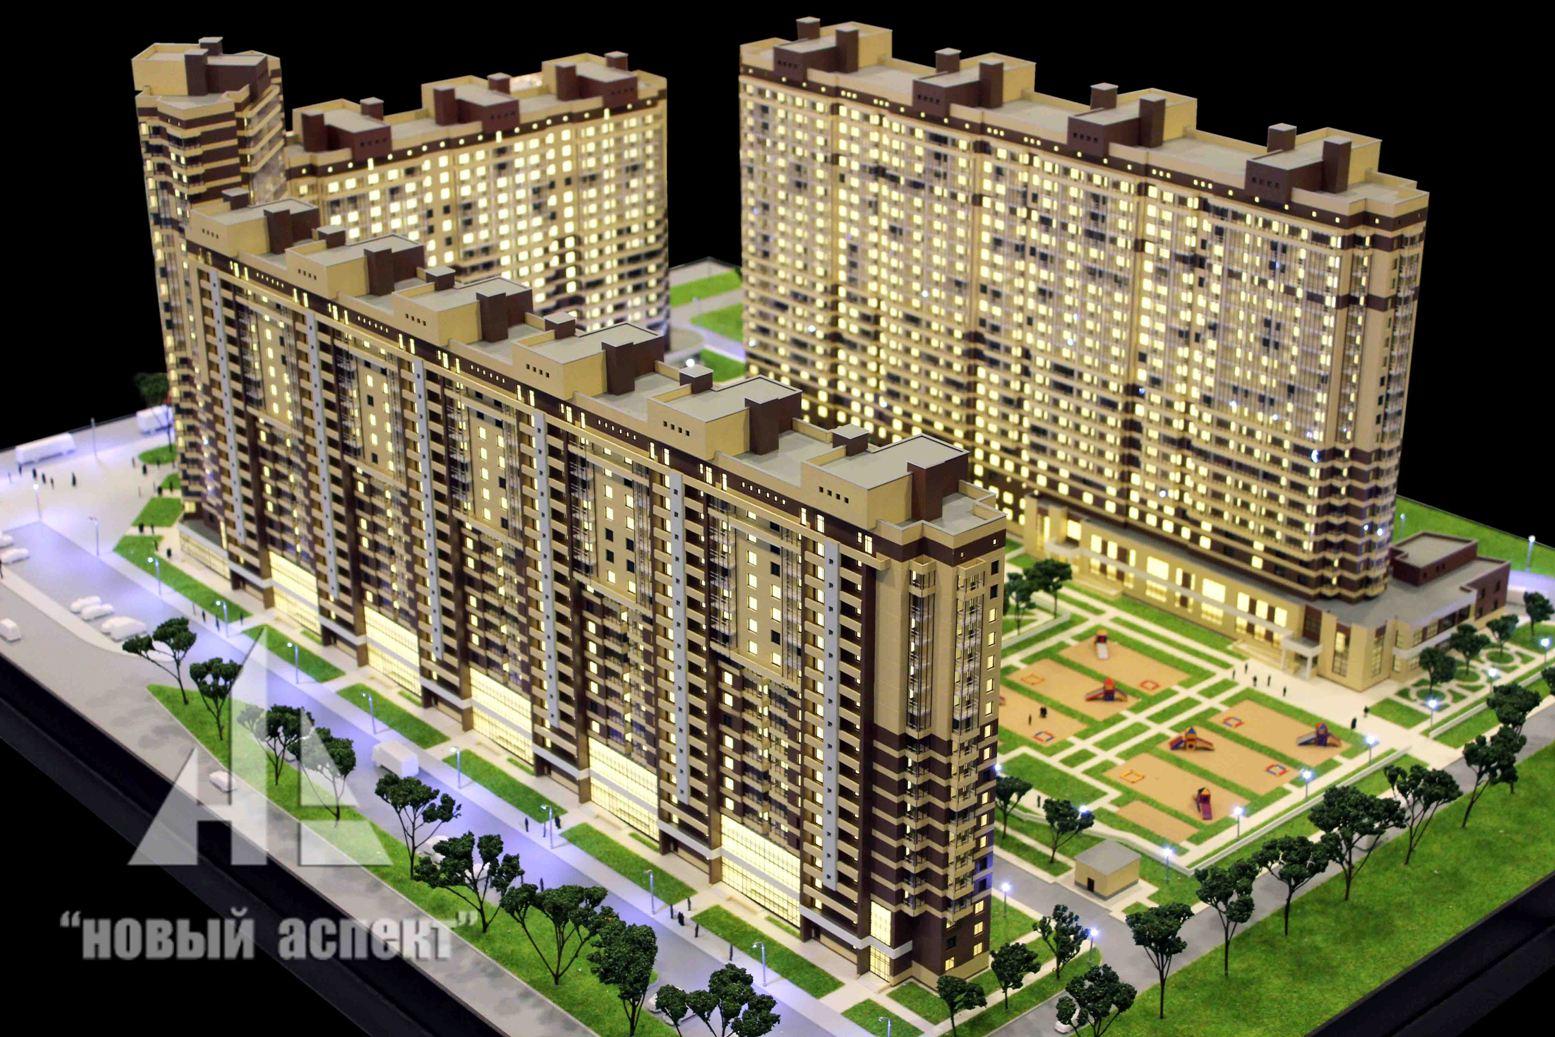 Макеты жилых домов и комплексов Мурино (2)